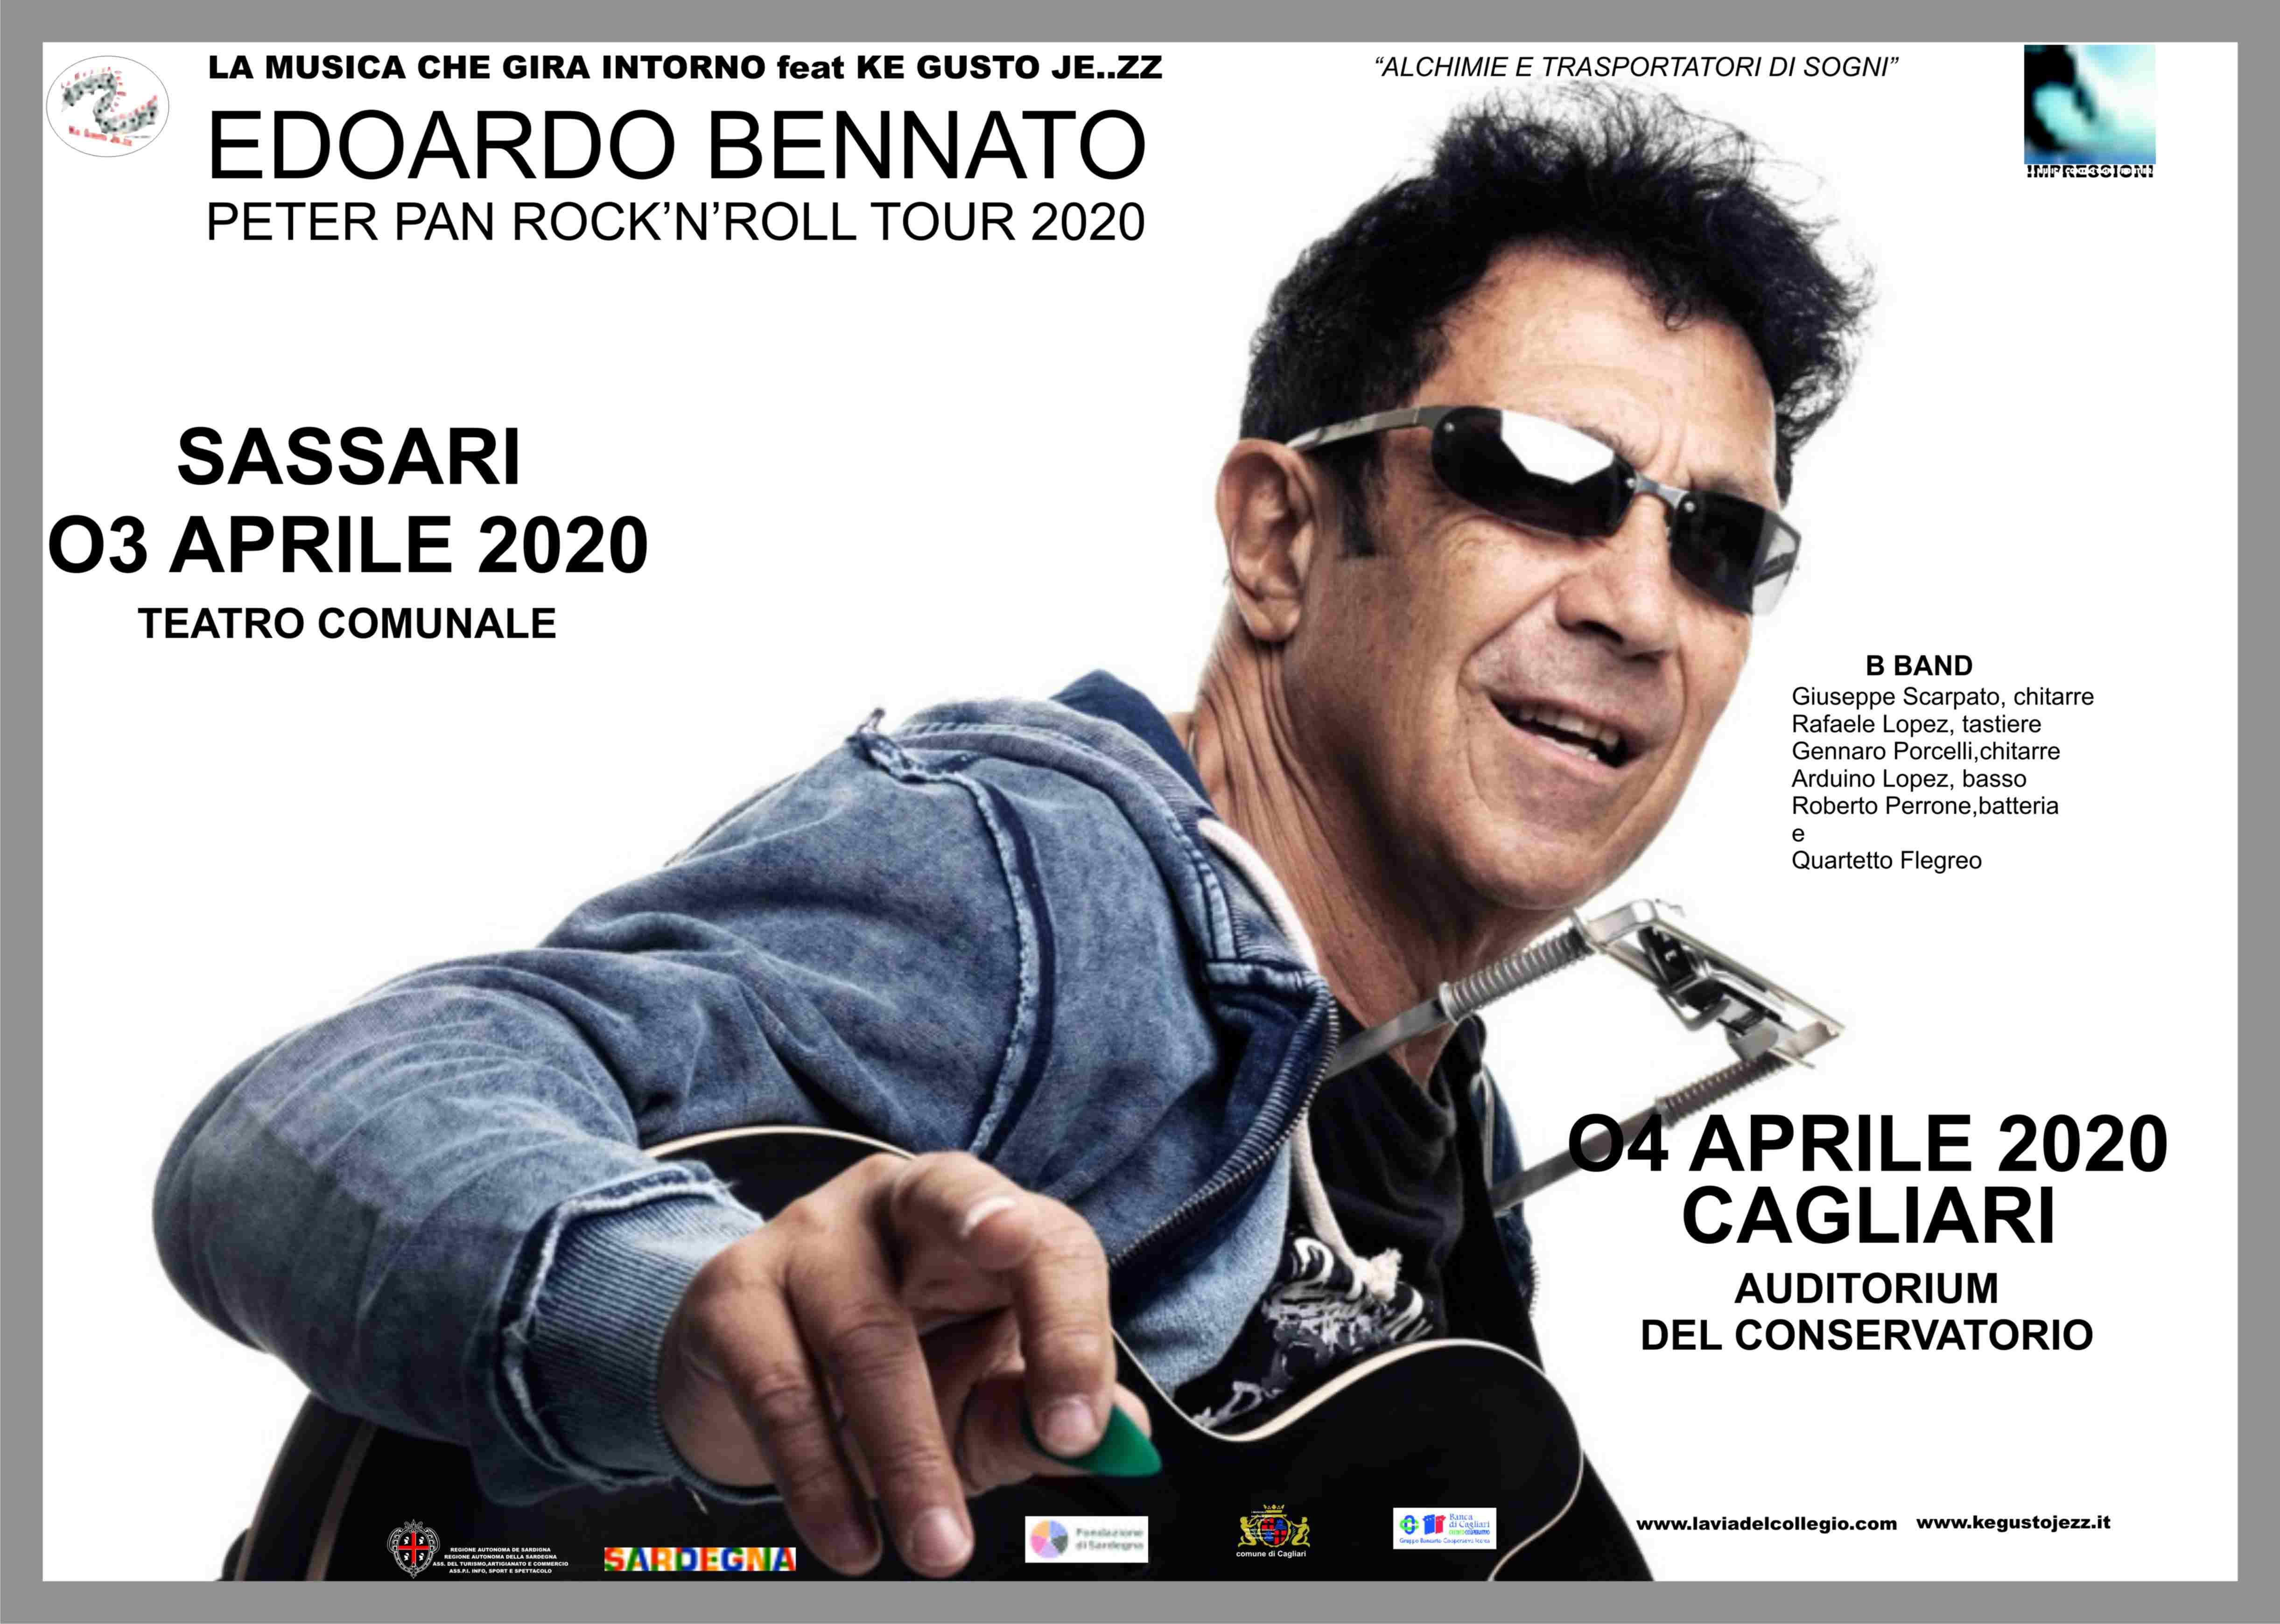 Edoardo Bennato Peter Pan Rock'n'roll Tour 2020